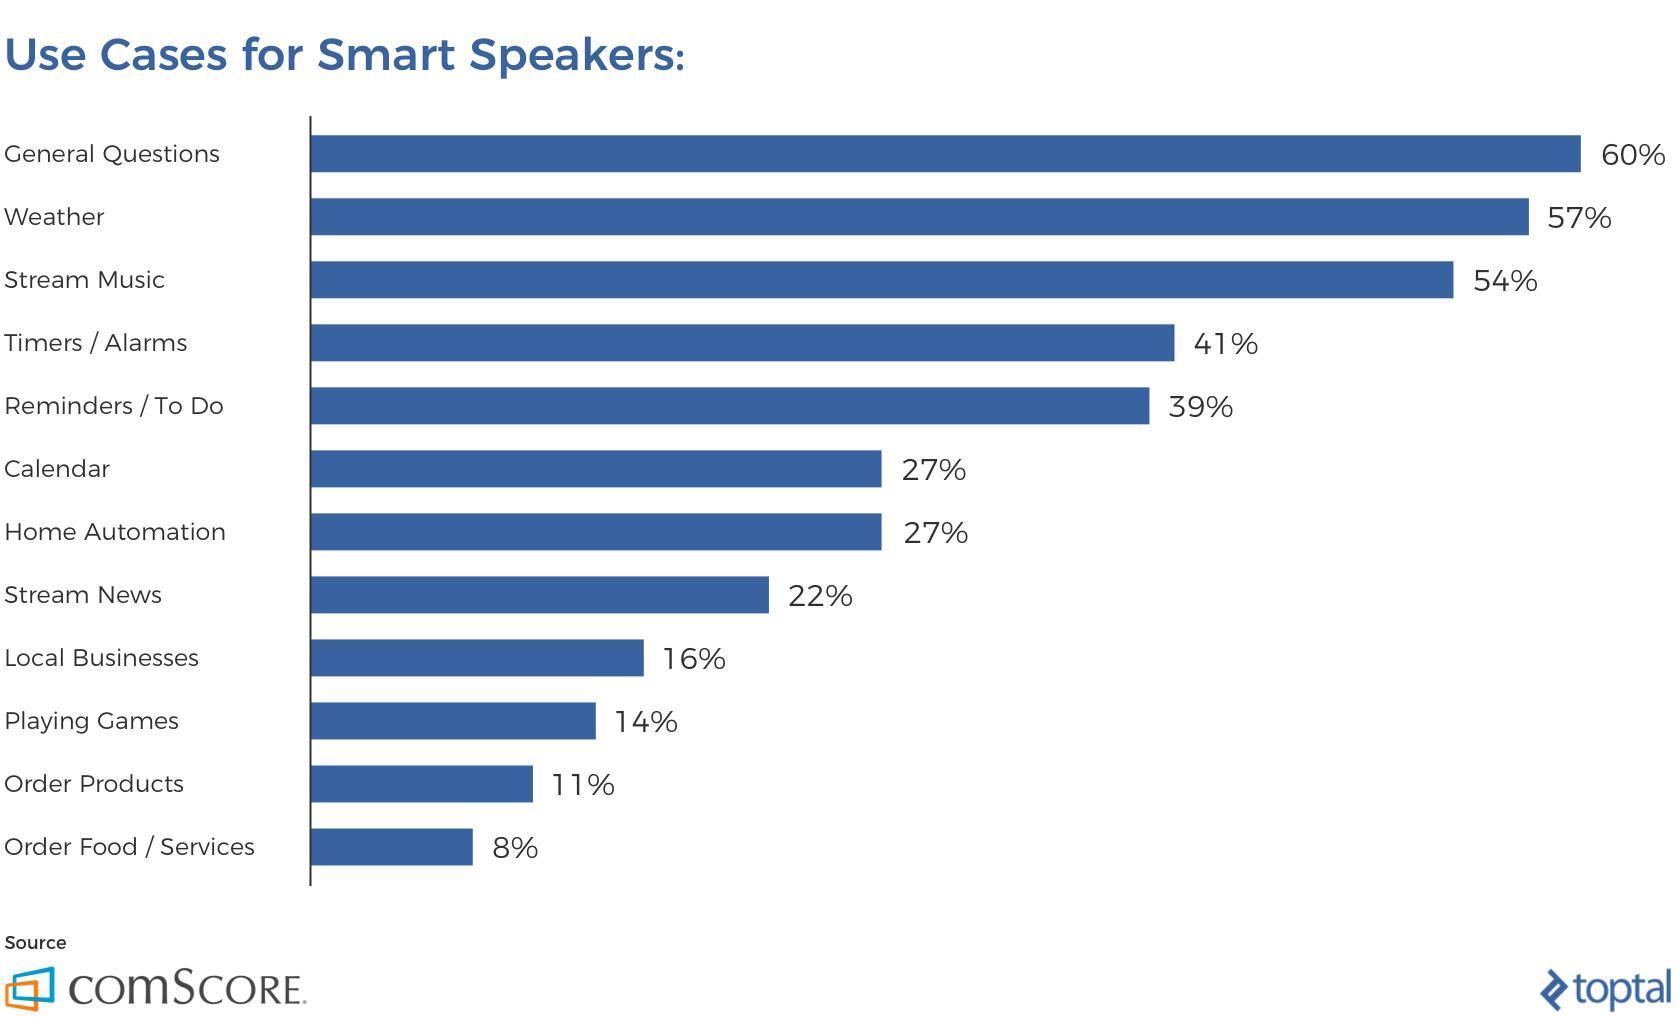 Estadísticas para el uso de altavoces inteligentes en los Estados Unidos